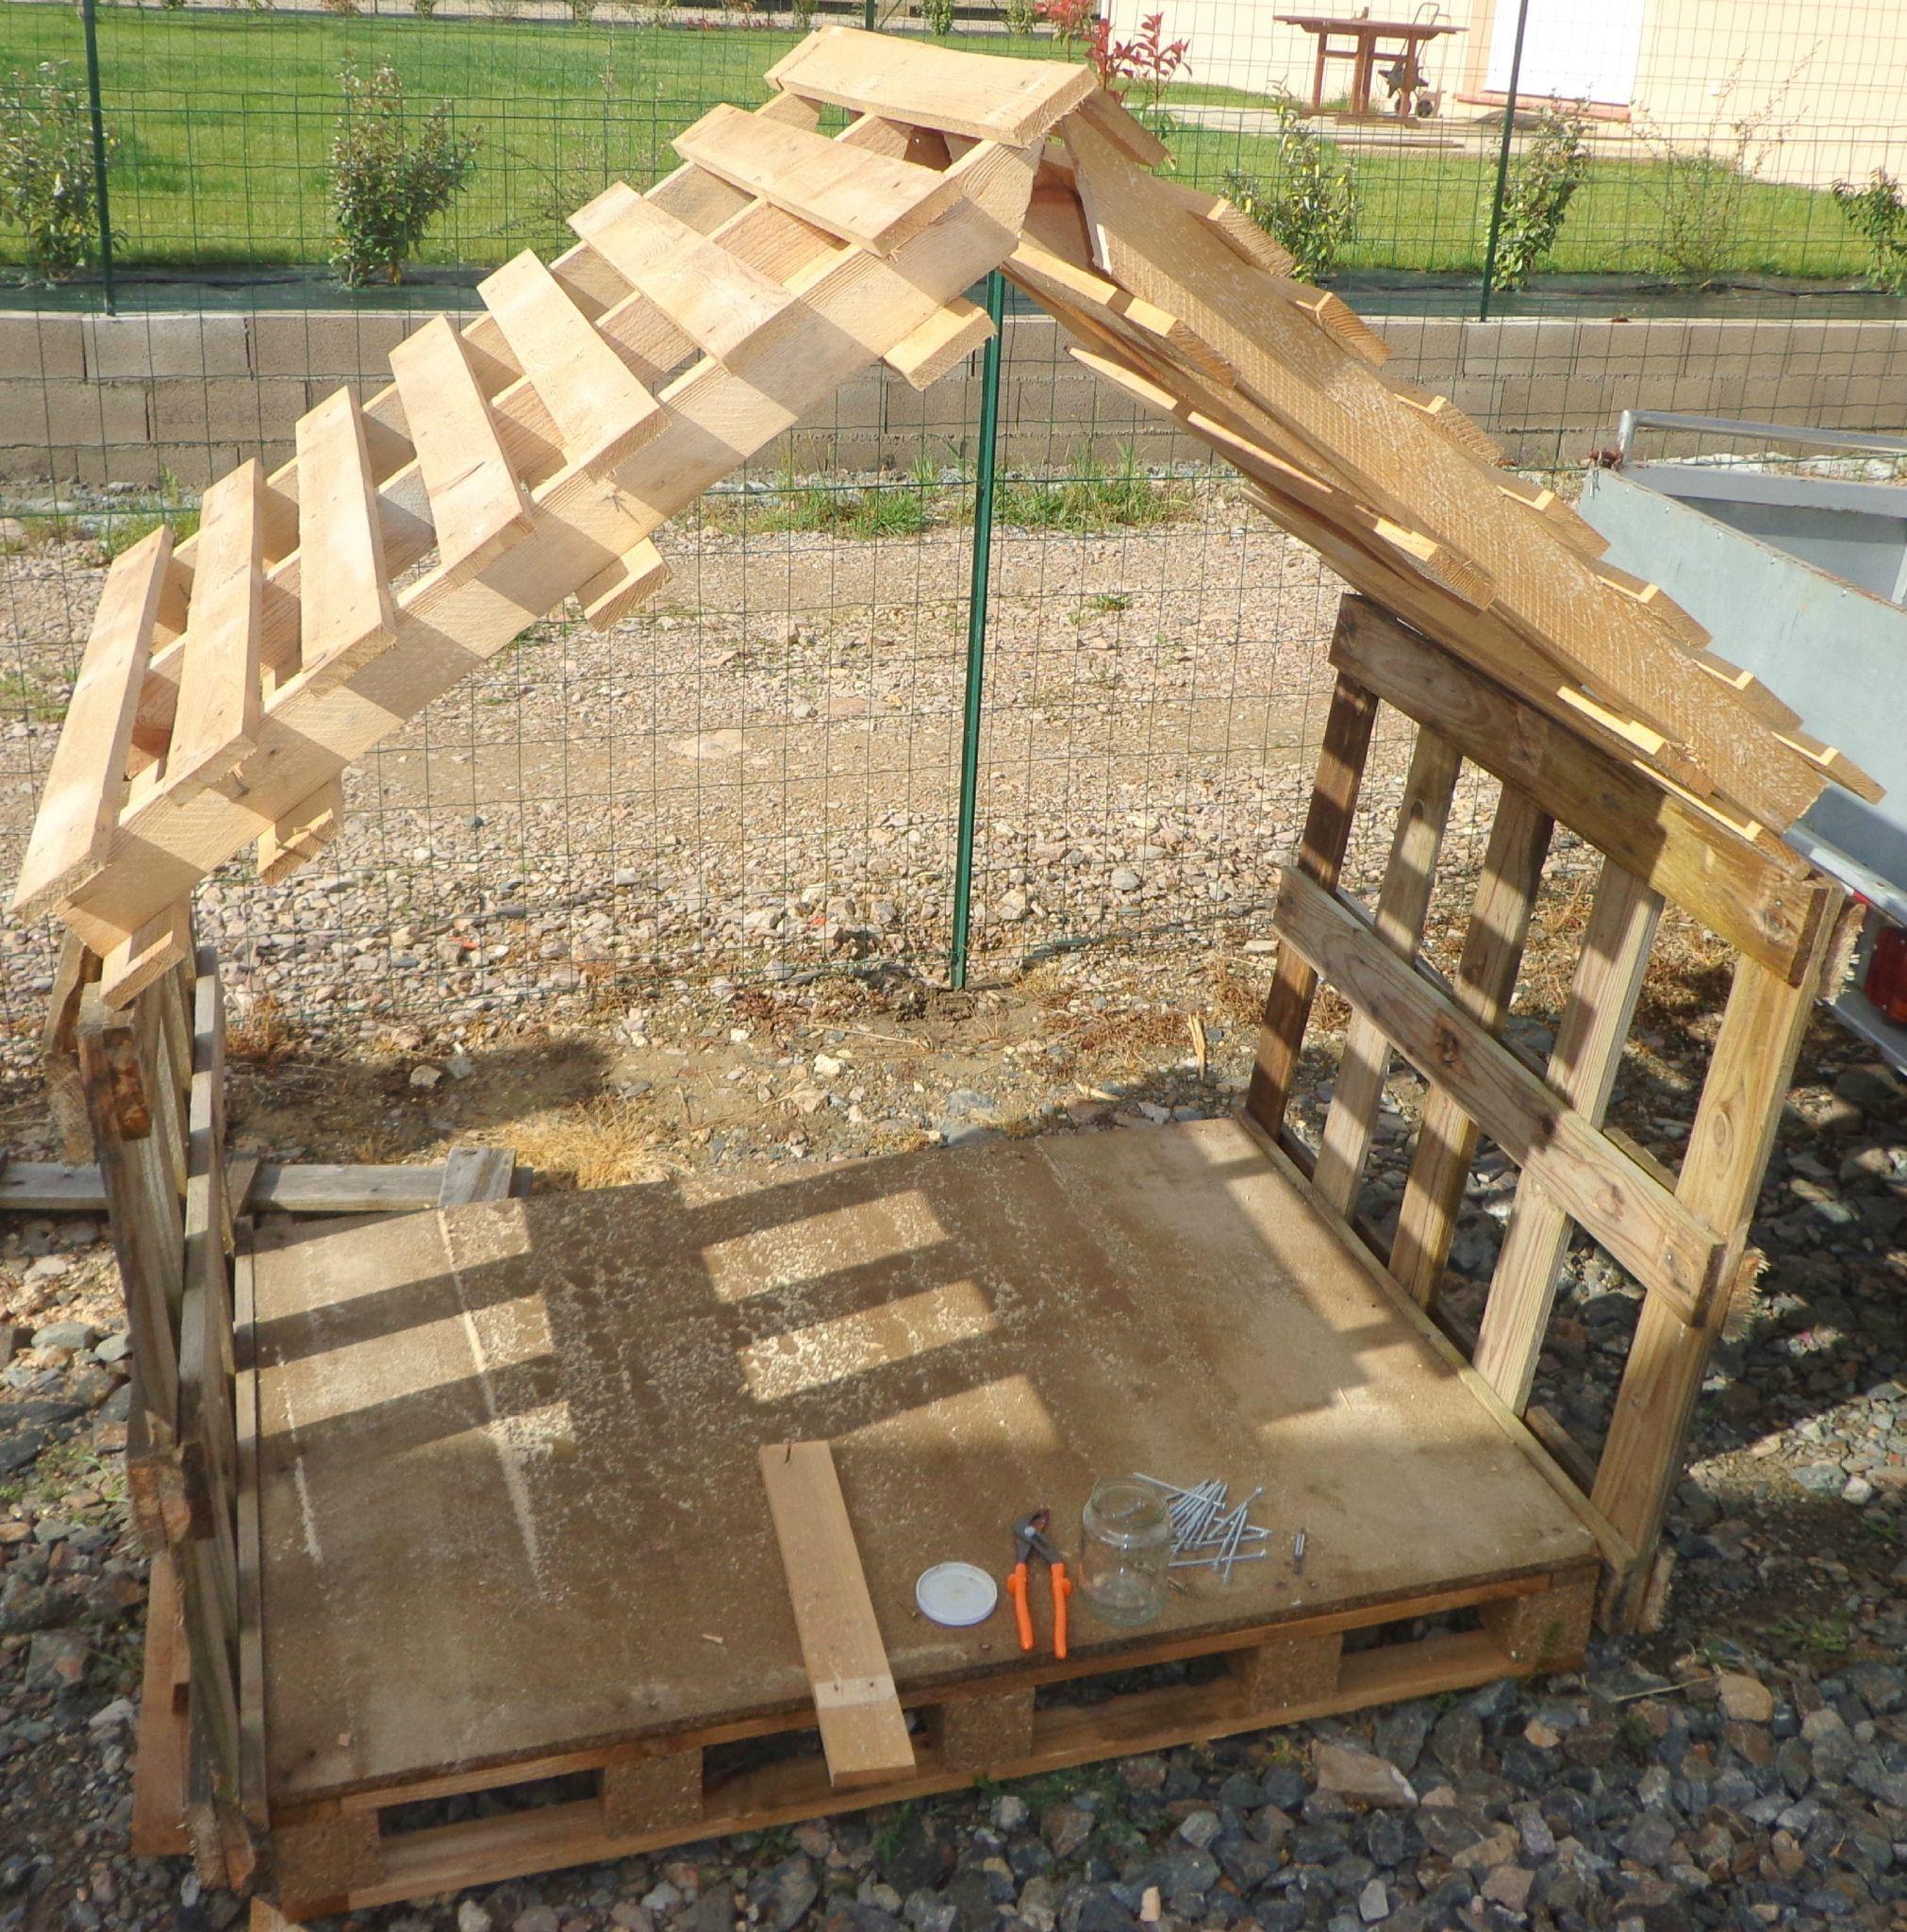 Cabane Enfant Ou Abris Chien - Recyclage Et Création ... tout Cabanne Jardin Enfant